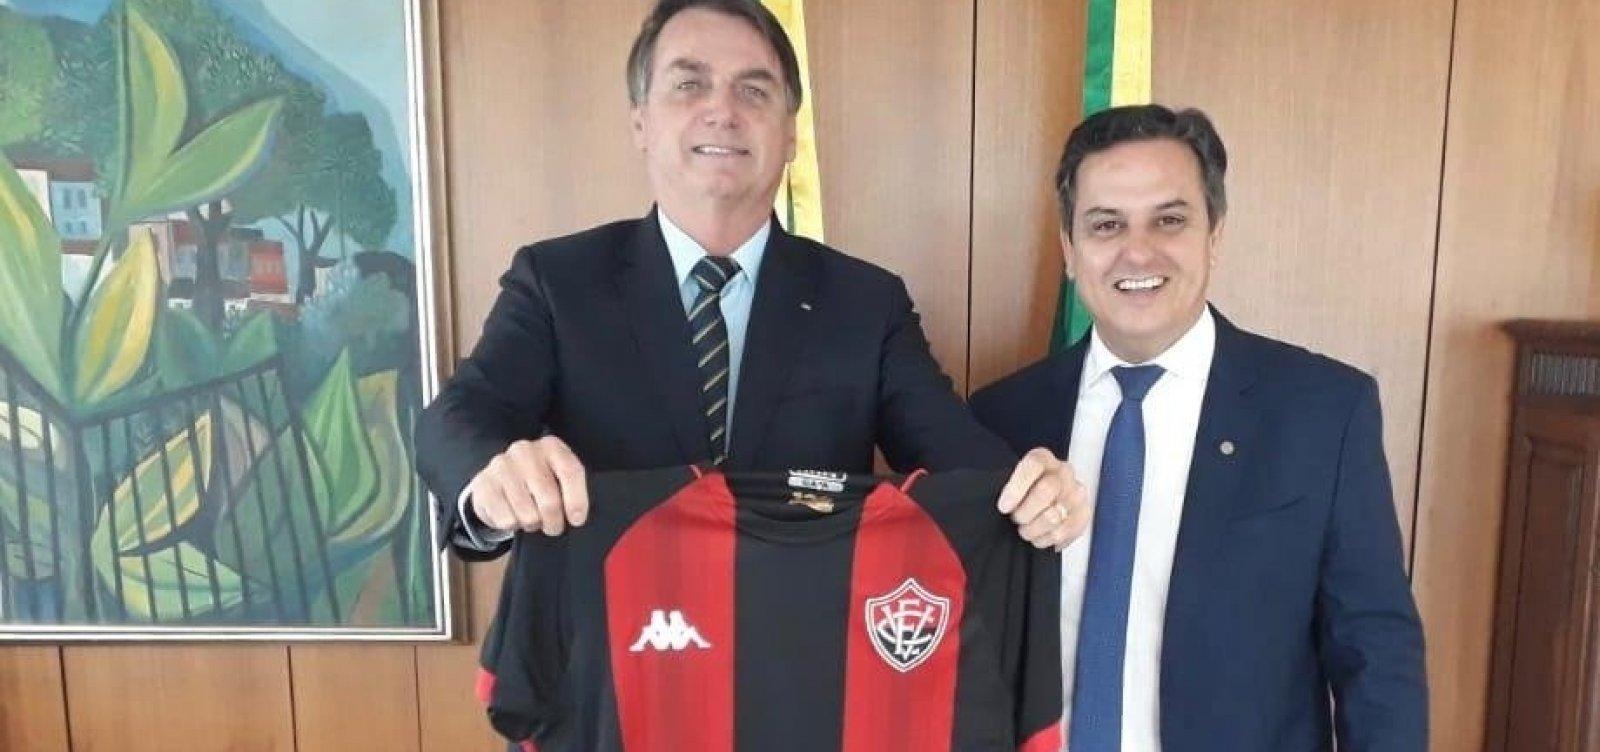 [Deputado presenteia Bolsonaro com camisa do Vitória a pedido de empresário baiano]